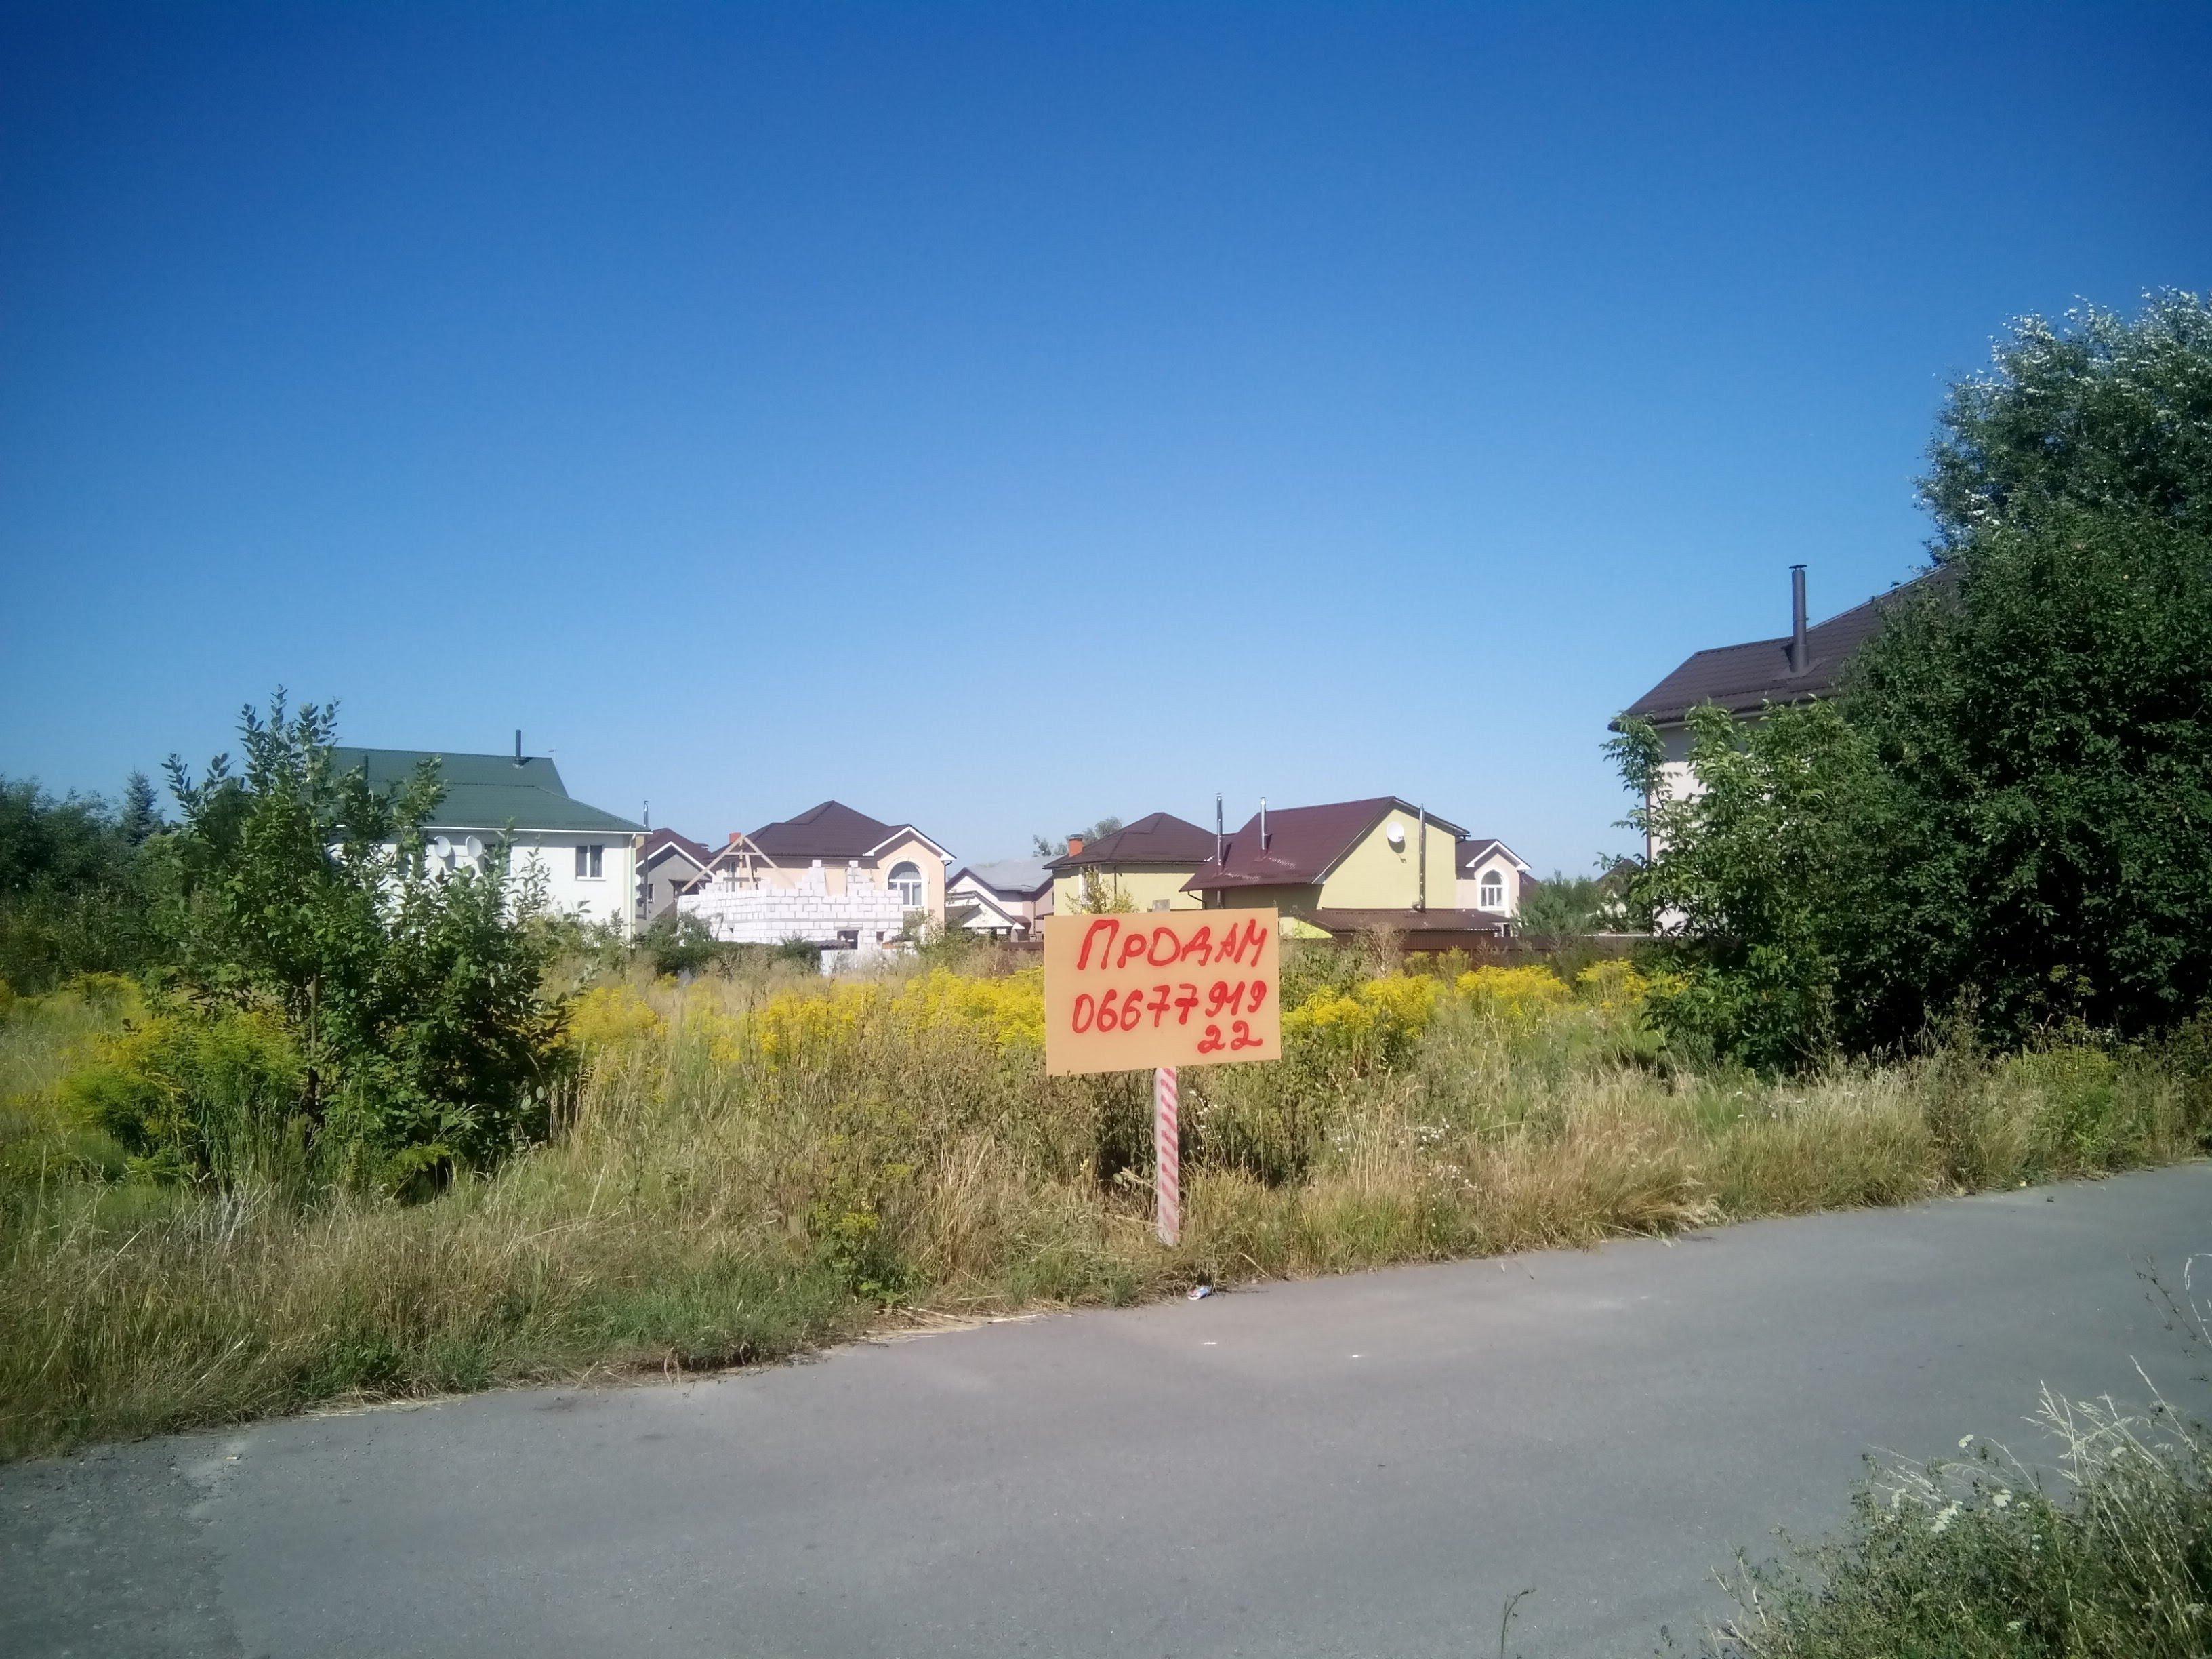 Фото: Продам земельну ділянку в місті Мархалівка. Оголошення № 5862